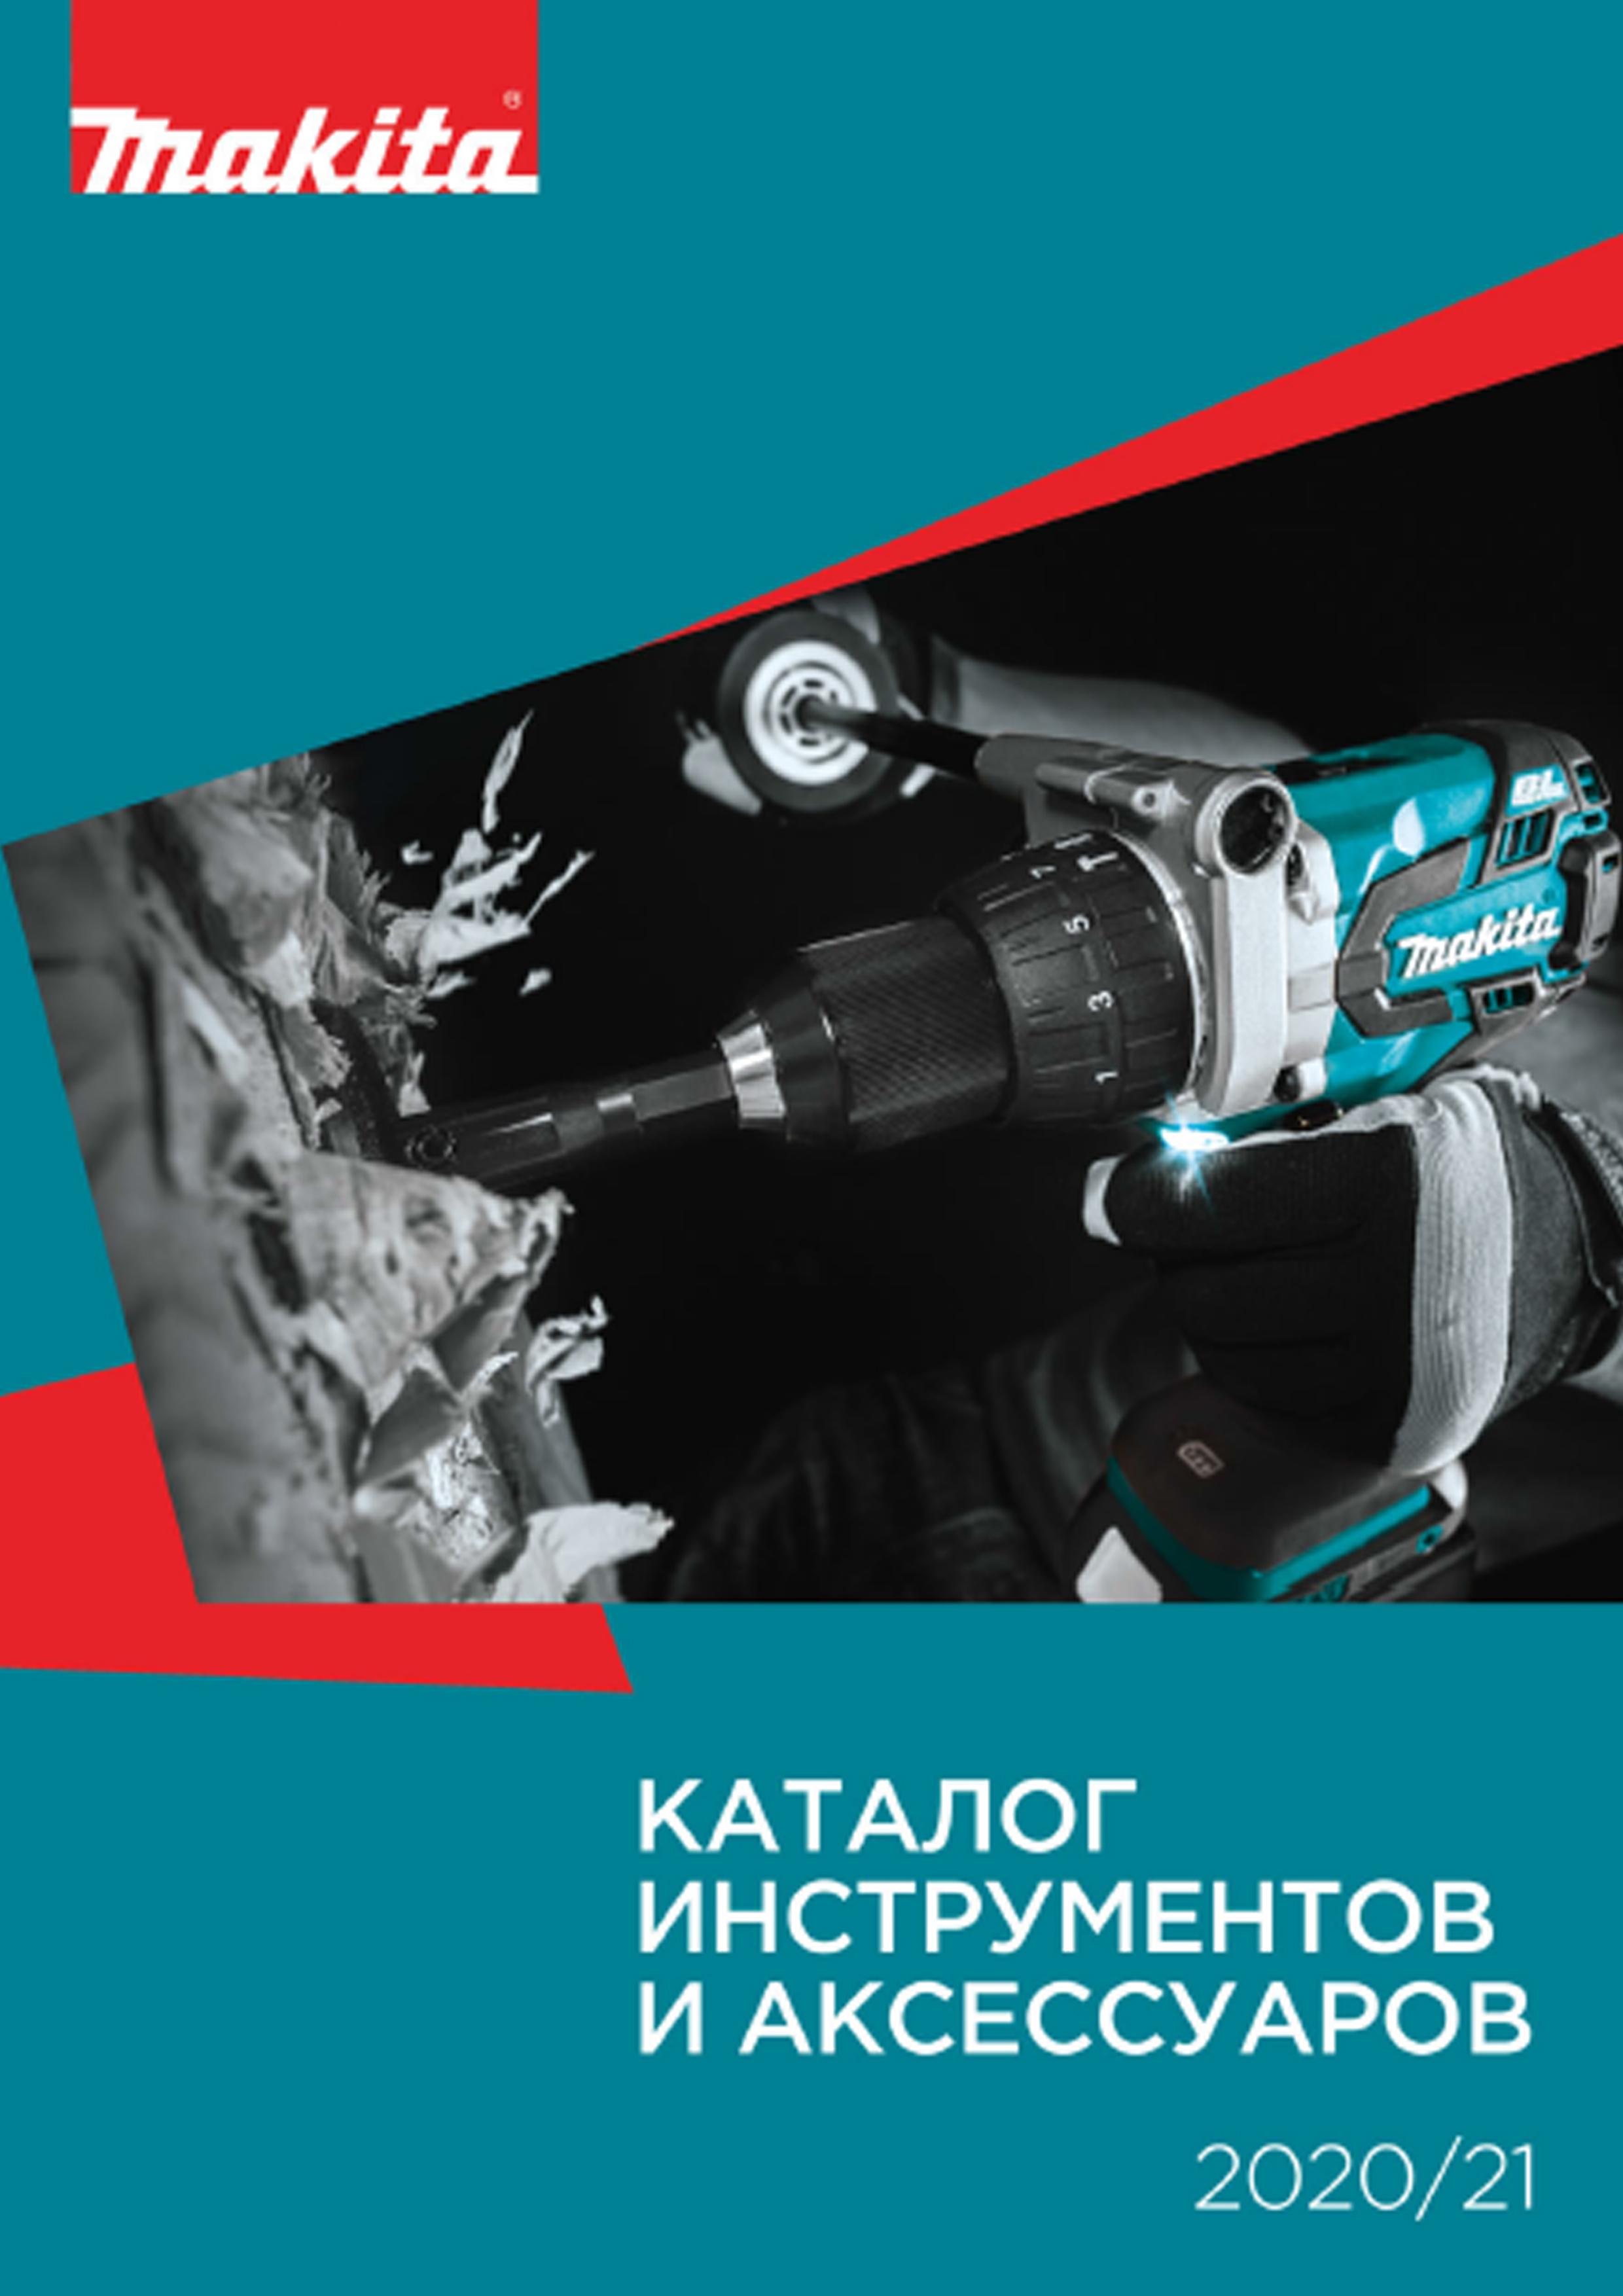 Каталог инструментов и аксессуаров MAKITA 2020-2021